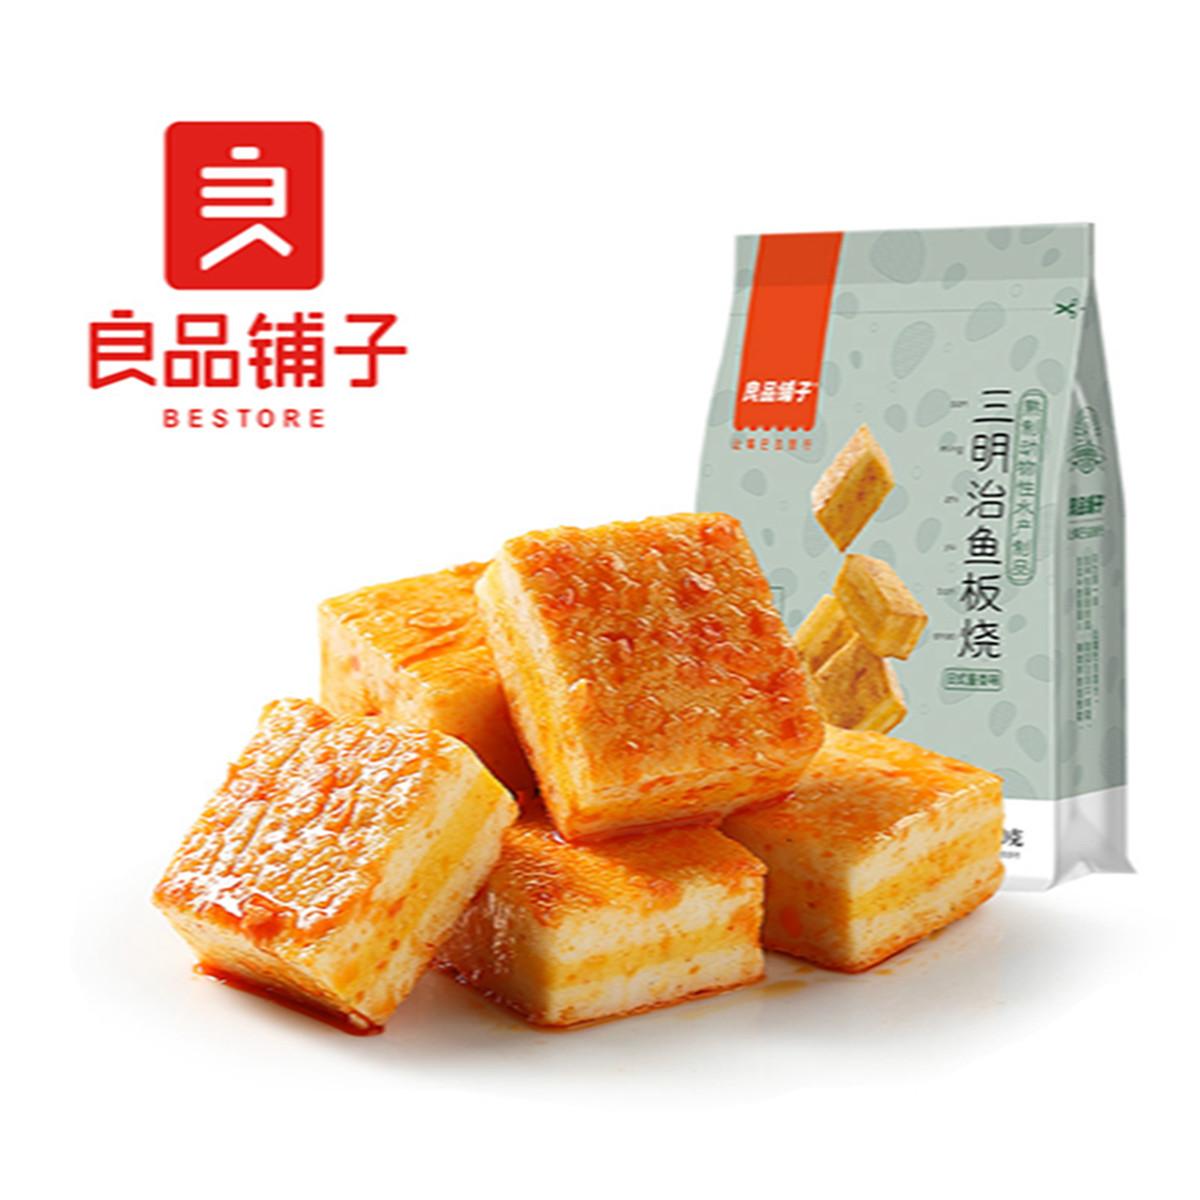 良品铺子三明治鱼板烧120gX1袋香辣味日式酱香味鱼豆腐小零食COLOR其它颜色